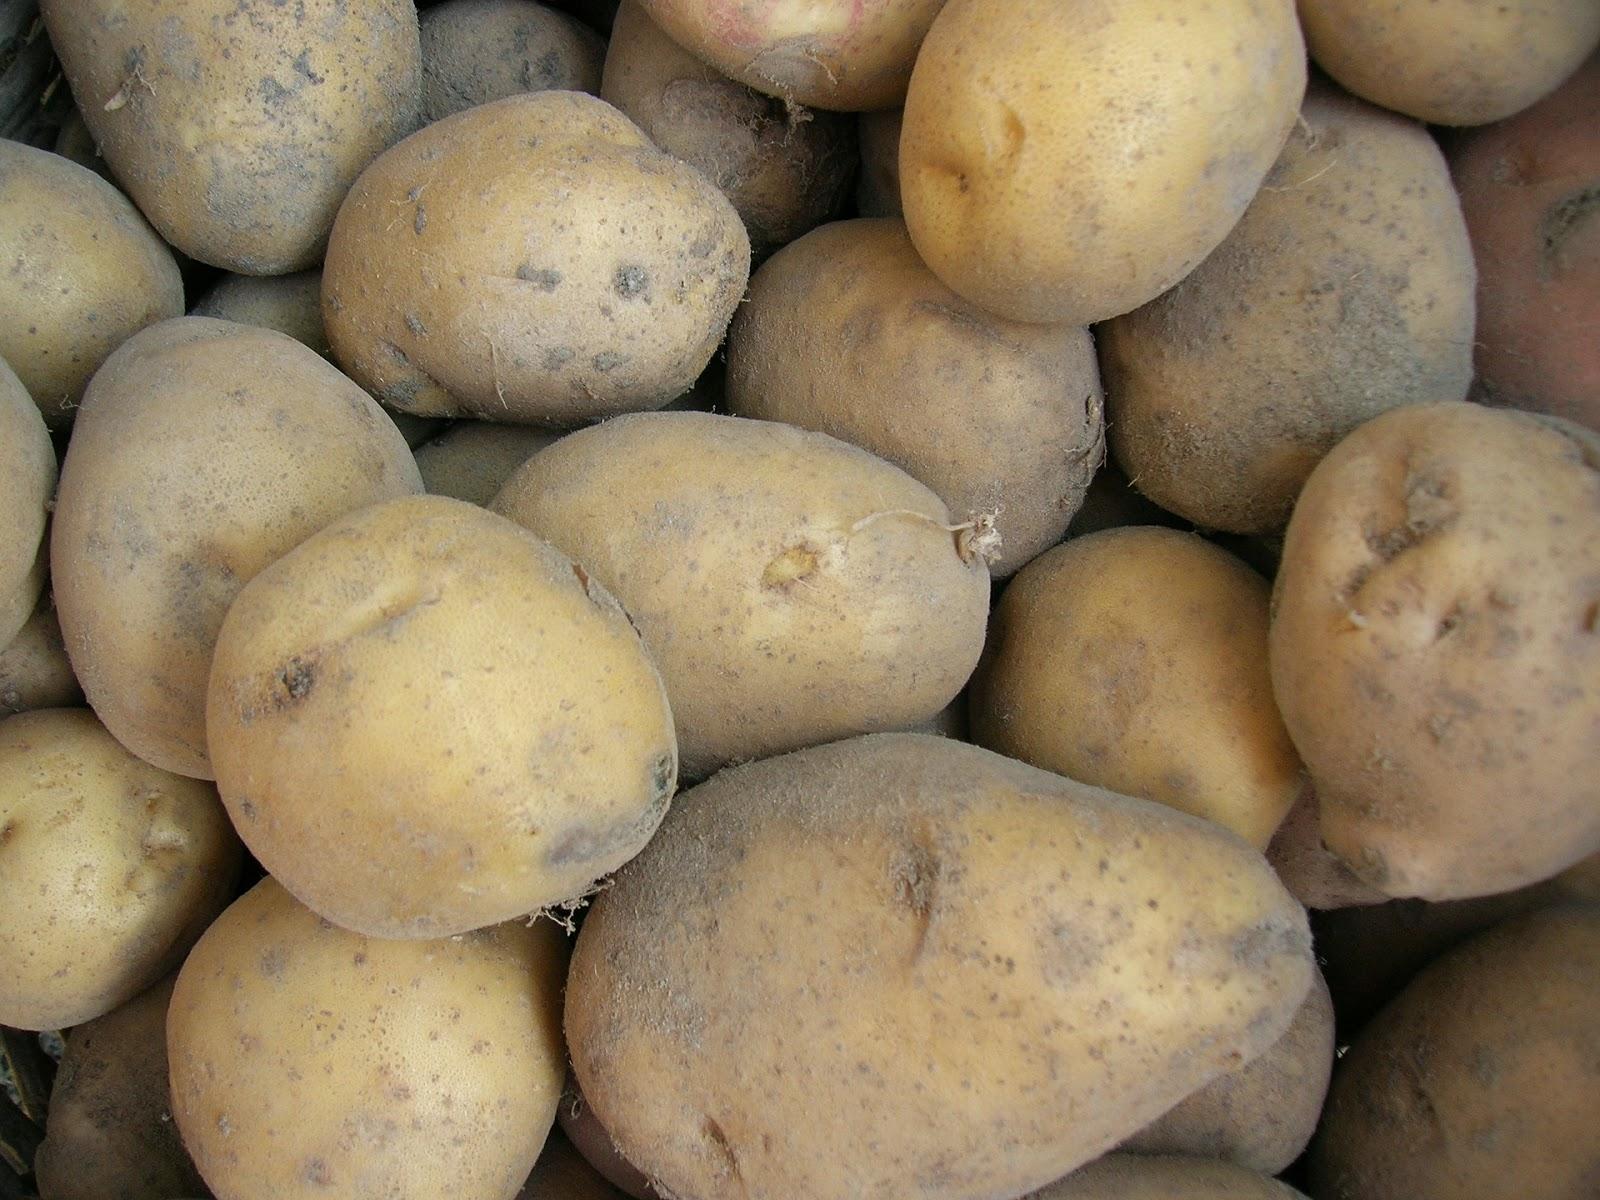 Τι πρέπει να προσέχουμε όταν αποθηκεύουμε πατάτες;